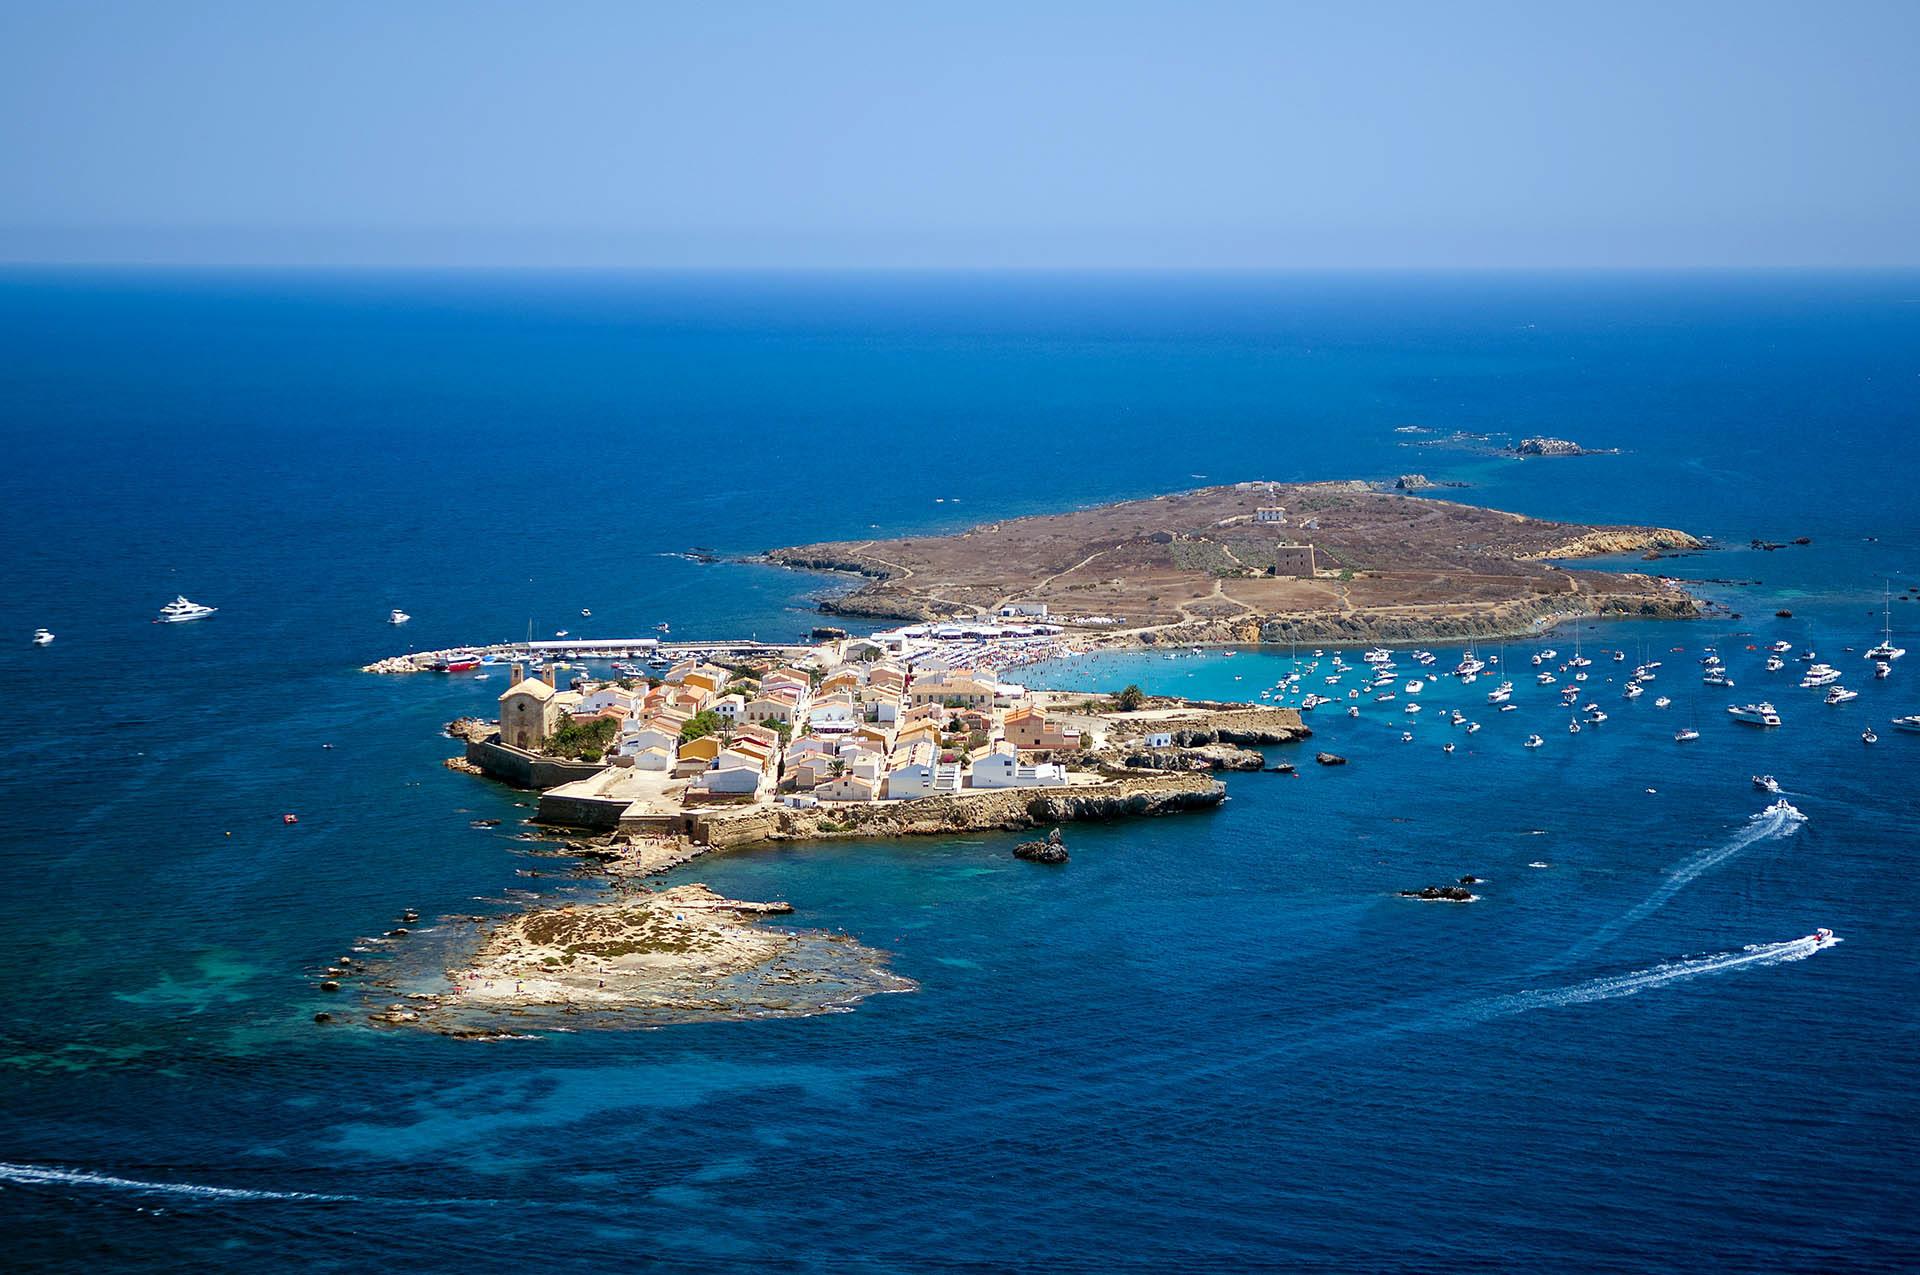 Маленький остров Табарка